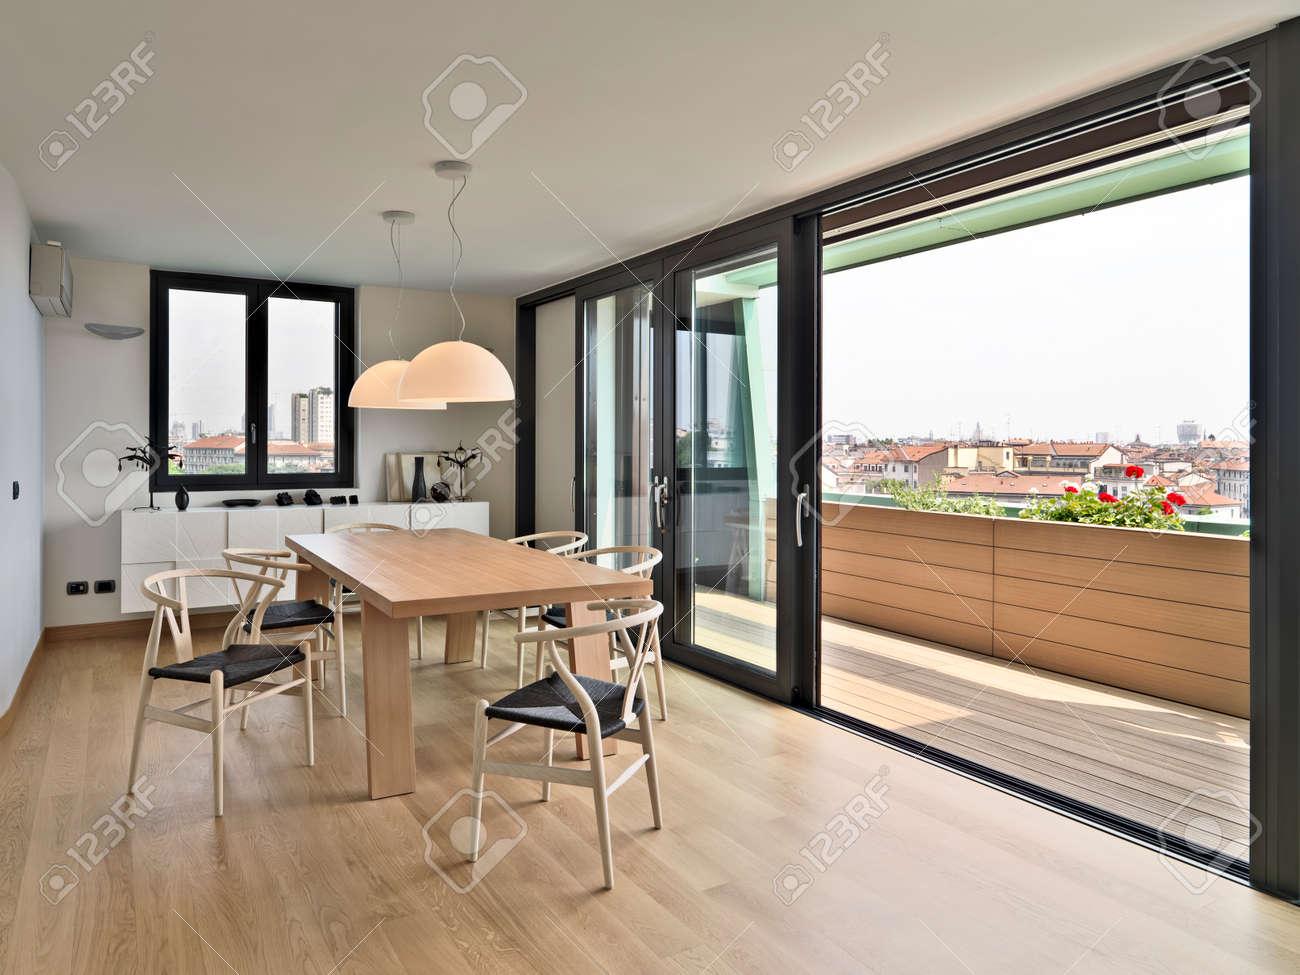 Einzigartig Stühle Für Esstisch Foto Von Hölzernen Und Stühle Auf Dem Dachboden Mit